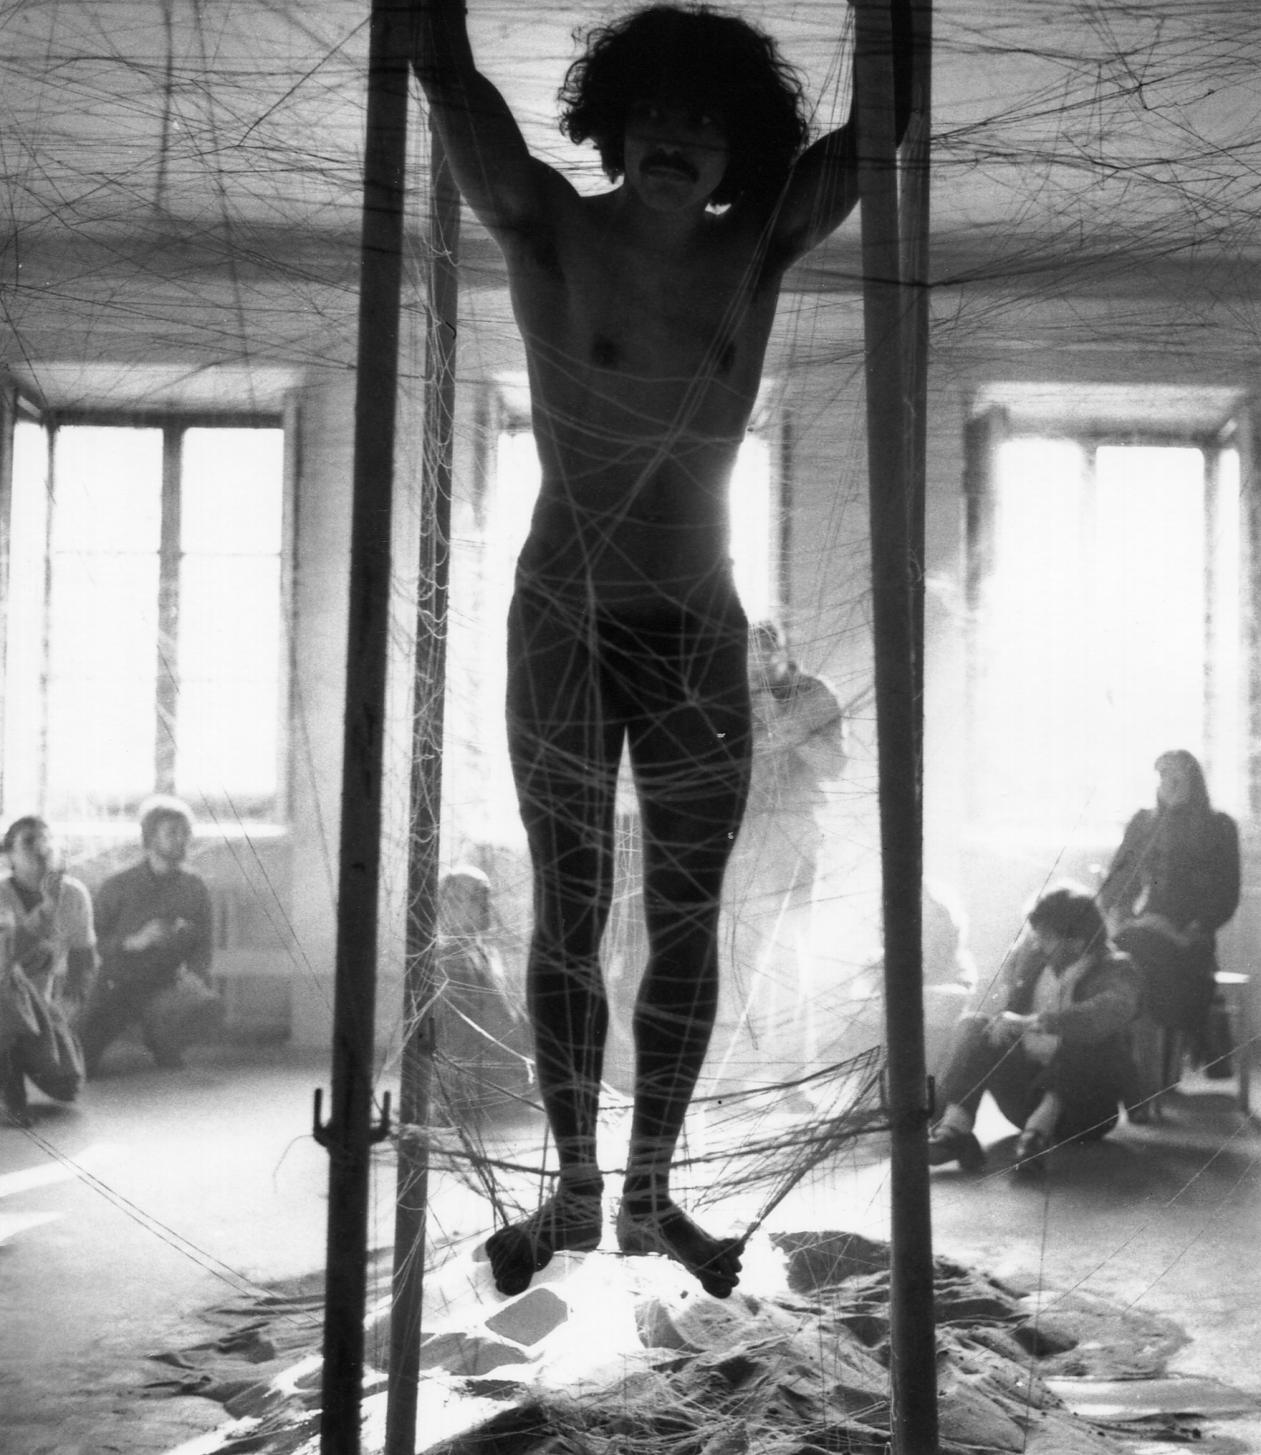 """Krzysztof Jung, """"Stwarzanie poprzez innych i horyzont wolności"""", 1980, fot. K. Jung, G.Kowalski, Archiwum Repassage, Muzeum Akademii Sztuk Pięknych w Warszawie (źródło: materiały prasowe organizatora)"""